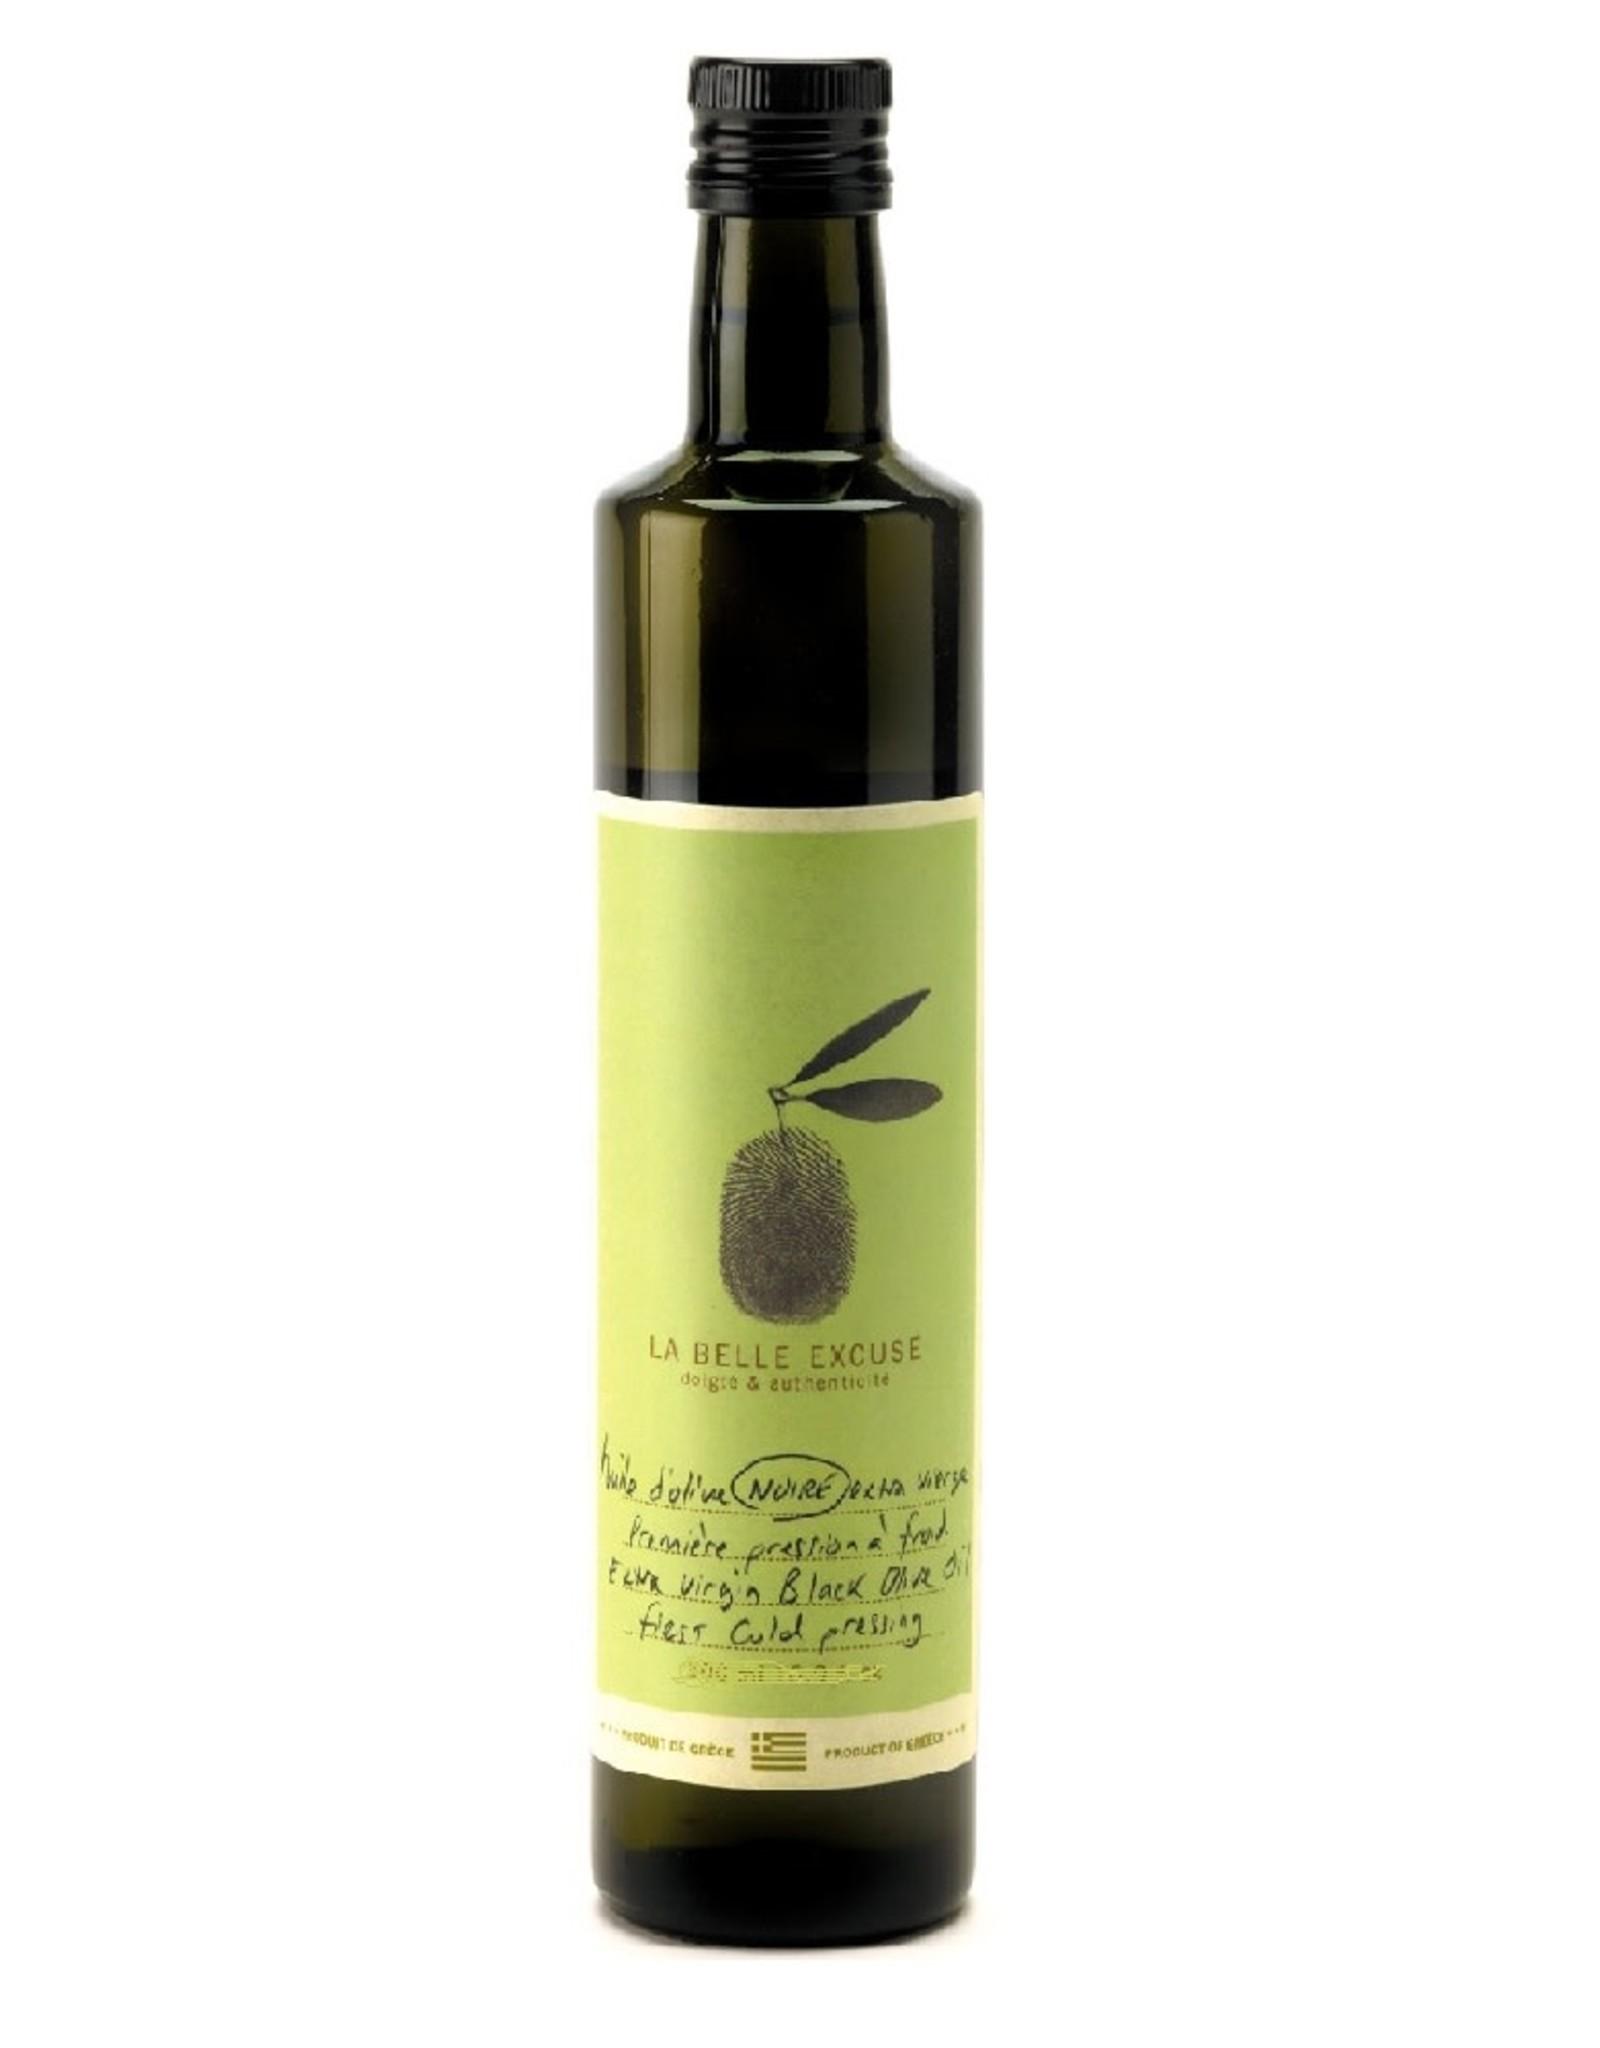 LA BELLE EXCUSE Huile d'olive Noire 250ML